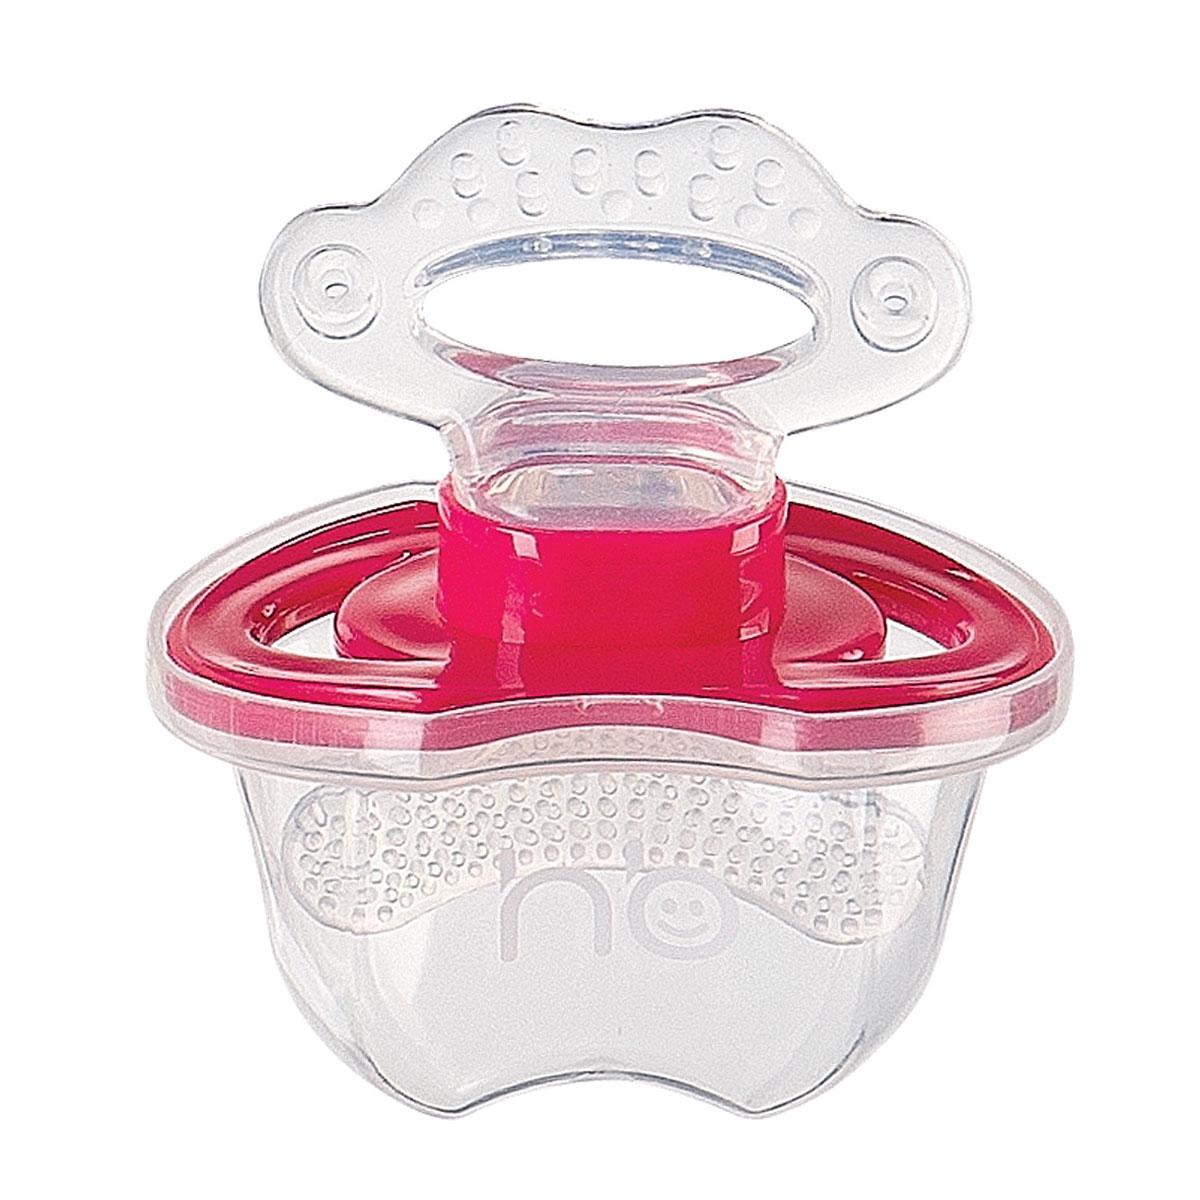 Прорезыватель Happy Baby, цвет: красный20000Прорезыватель Happy Baby поможет вашему малышу снять неприятные ощущения во время появления первых зубов. Он изготовлен из прочного безопасного силикона, не содержащего бисфенол А. Его рельефная поверхность мягко массирует десны малыша, снимает напряжение, усиливает слюноотделение и предотвращает кариес. Благодаря эргономичному дизайну он проникает в труднодоступные места ротовой полости.